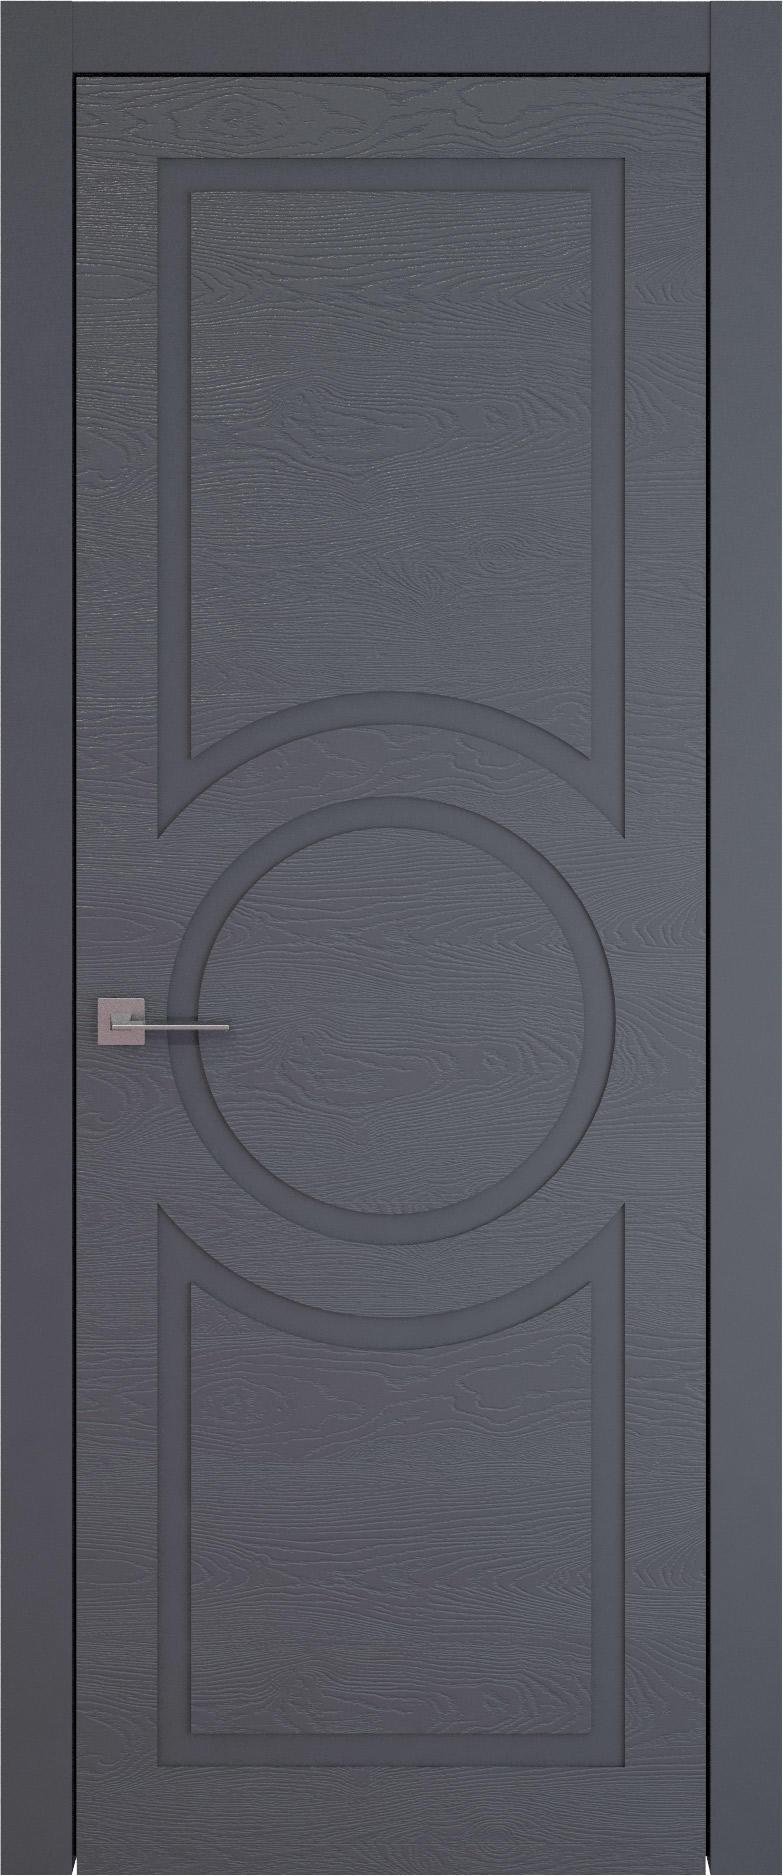 Tivoli М-5 цвет - Графитово-серая эмаль по шпону (RAL 7024) Без стекла (ДГ)